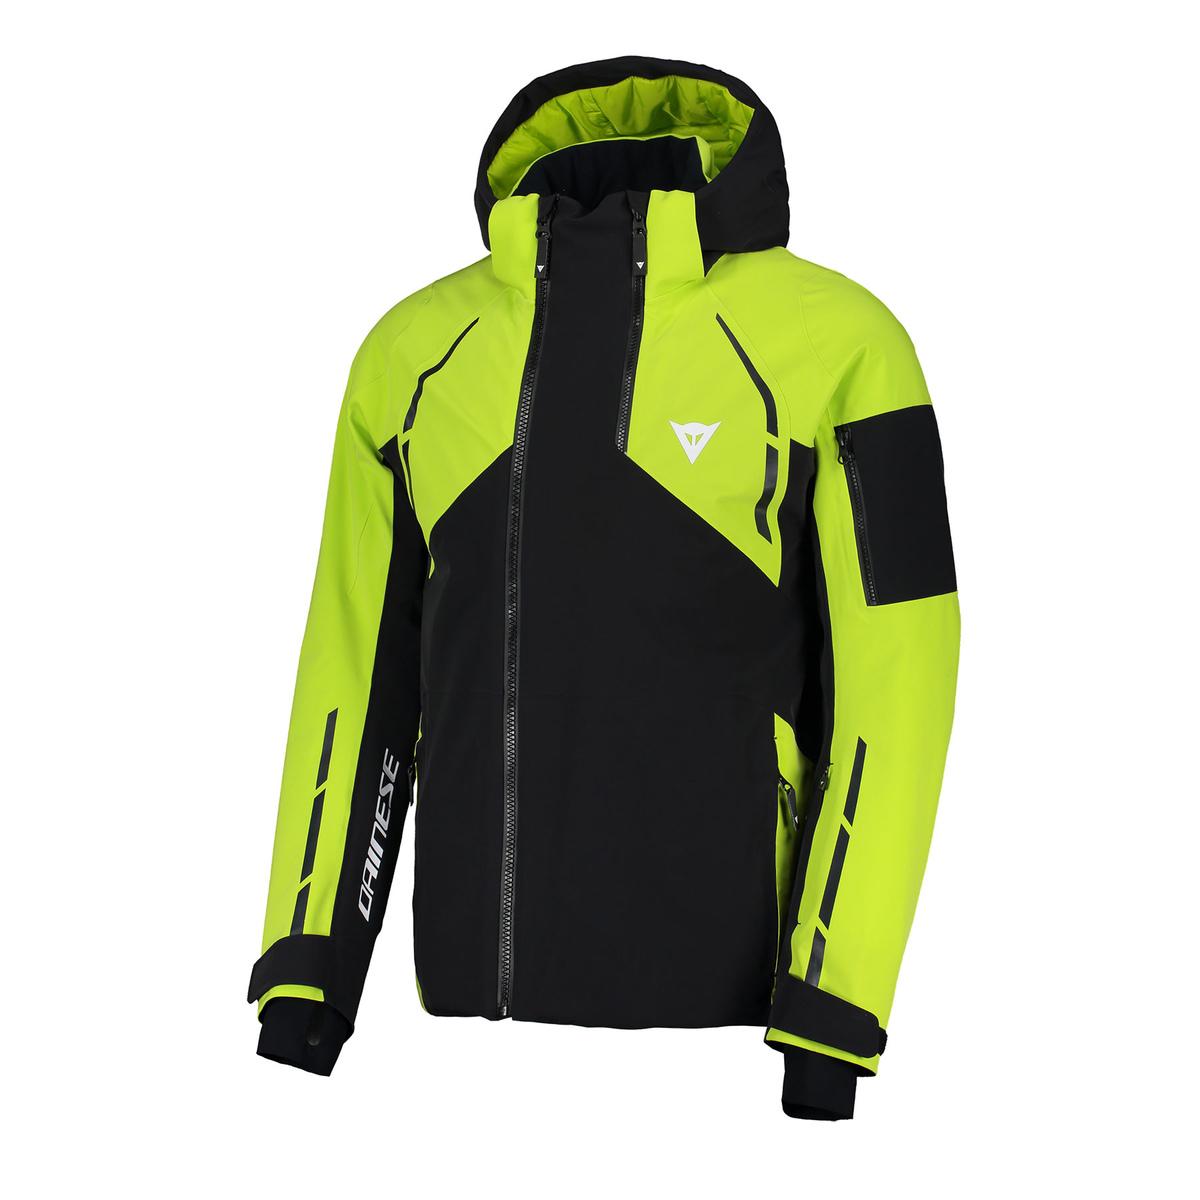 Prezzi Dainese giacca HP1 M2